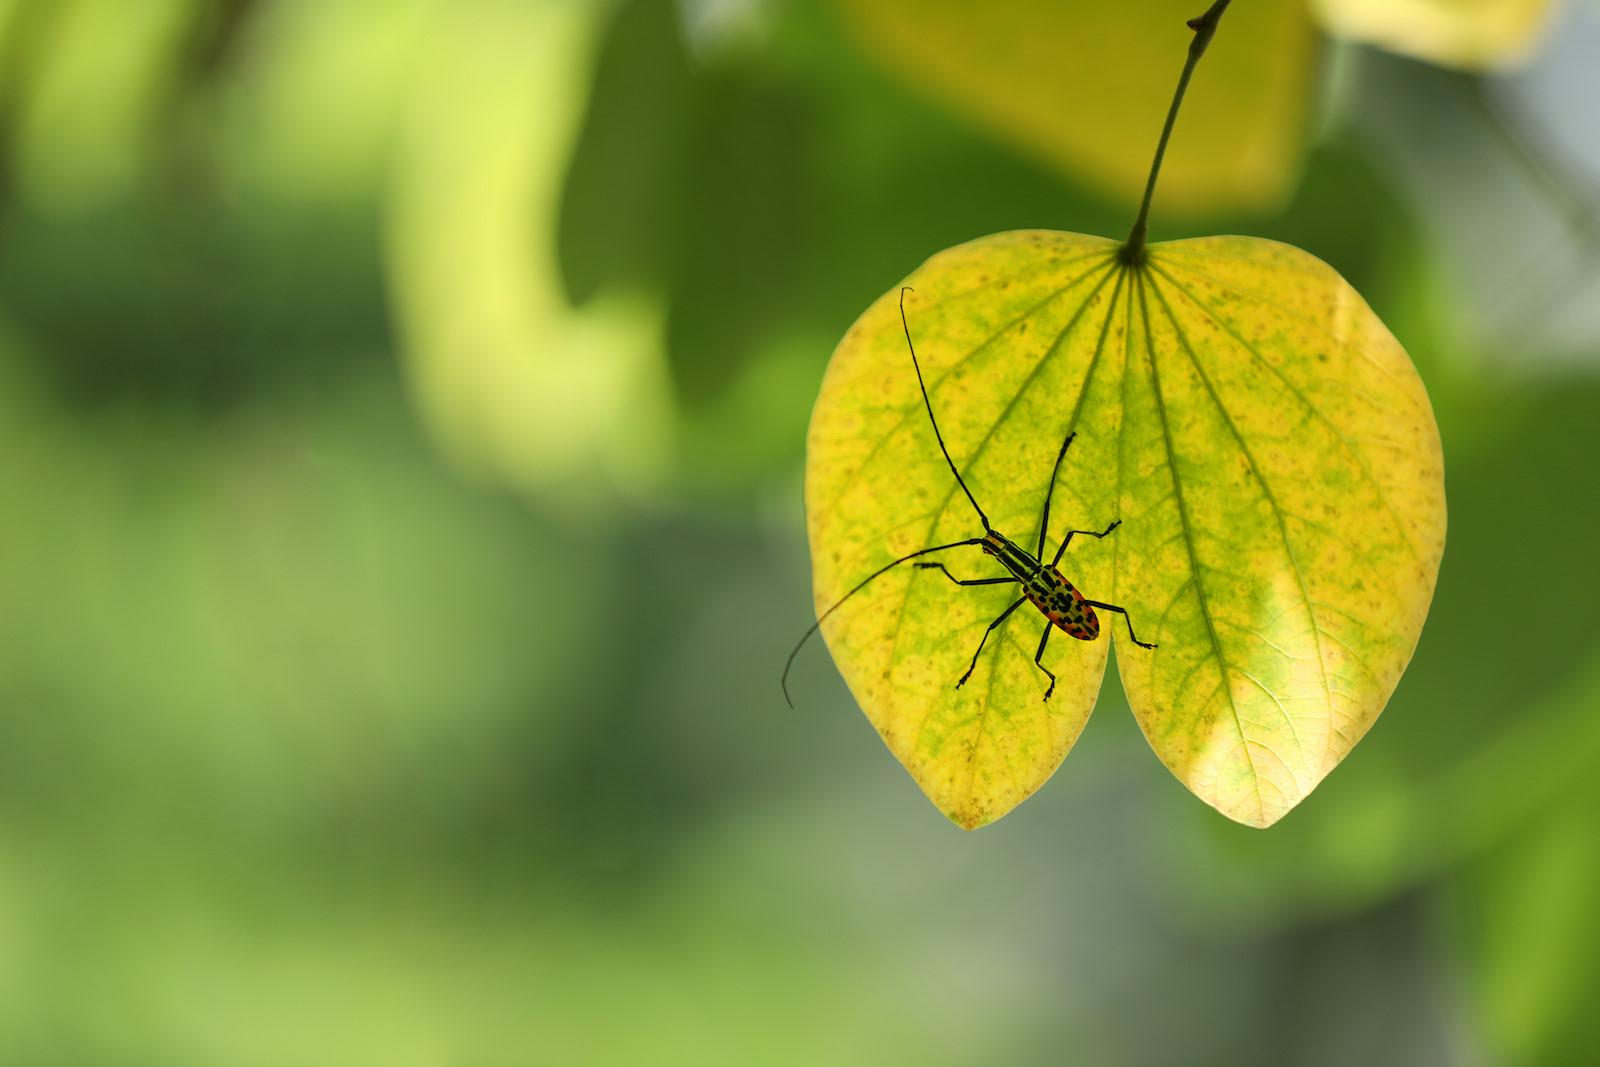 Những khoảnh khắc mùa thu Hà Nội lay động lòng người - 10